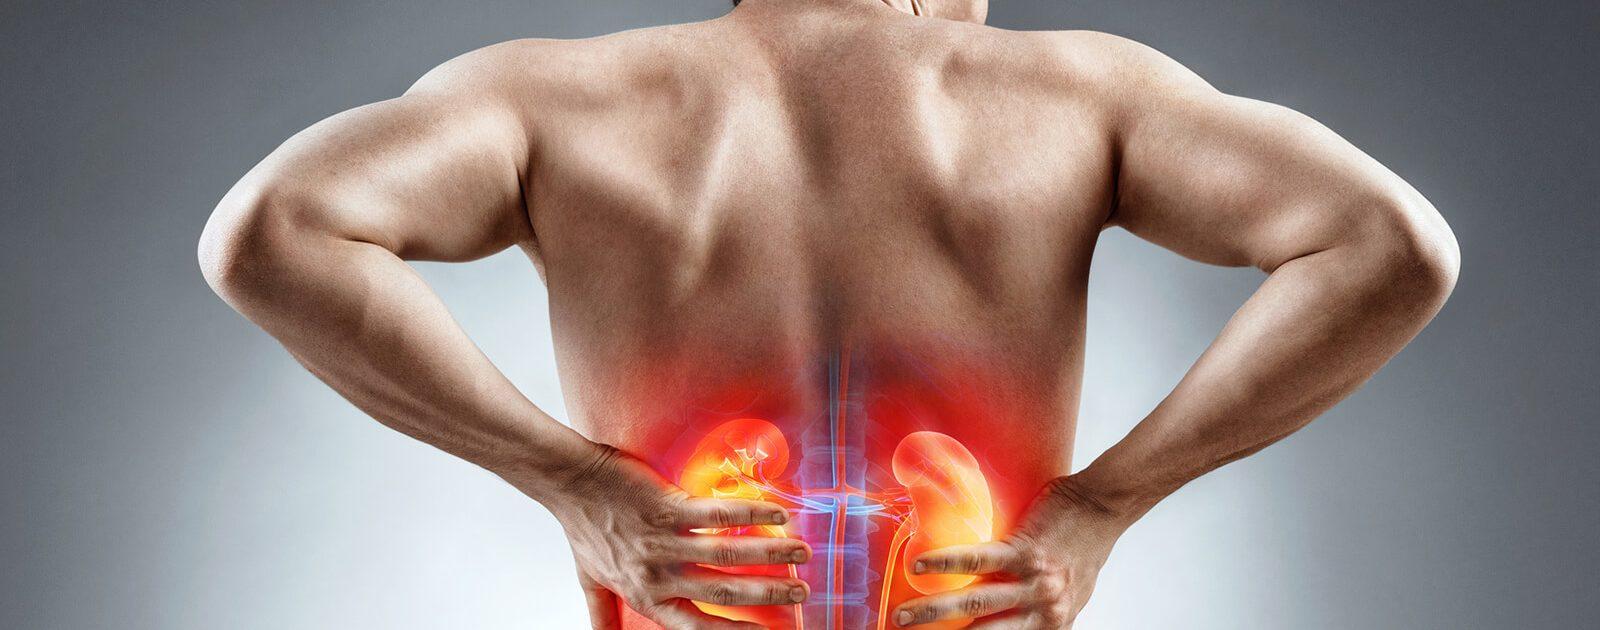 Nierensteine verursachen Schmerzen bei einem Mann